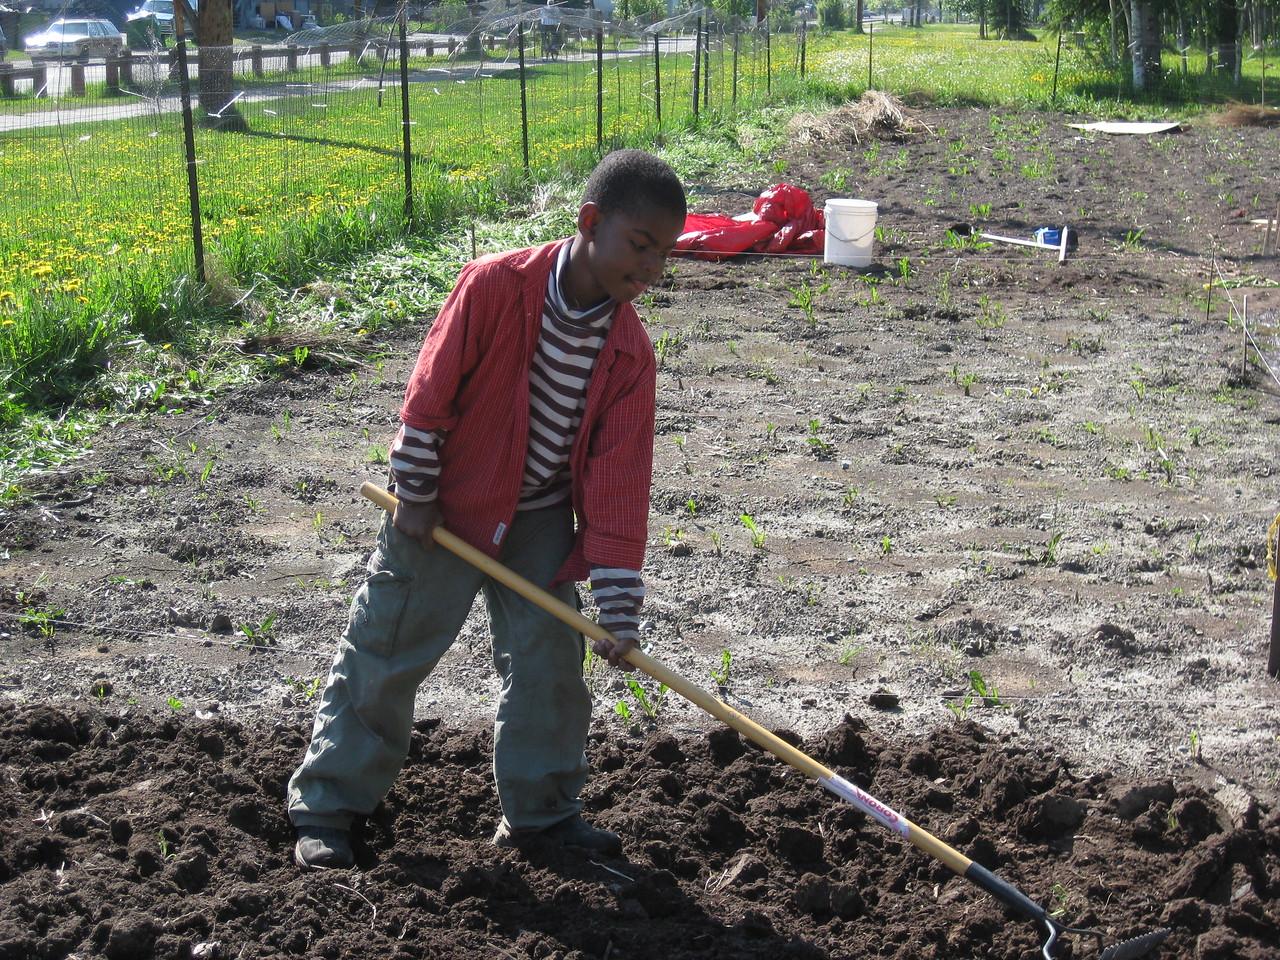 Refugee boy raking in the Anchorage Community Garden.